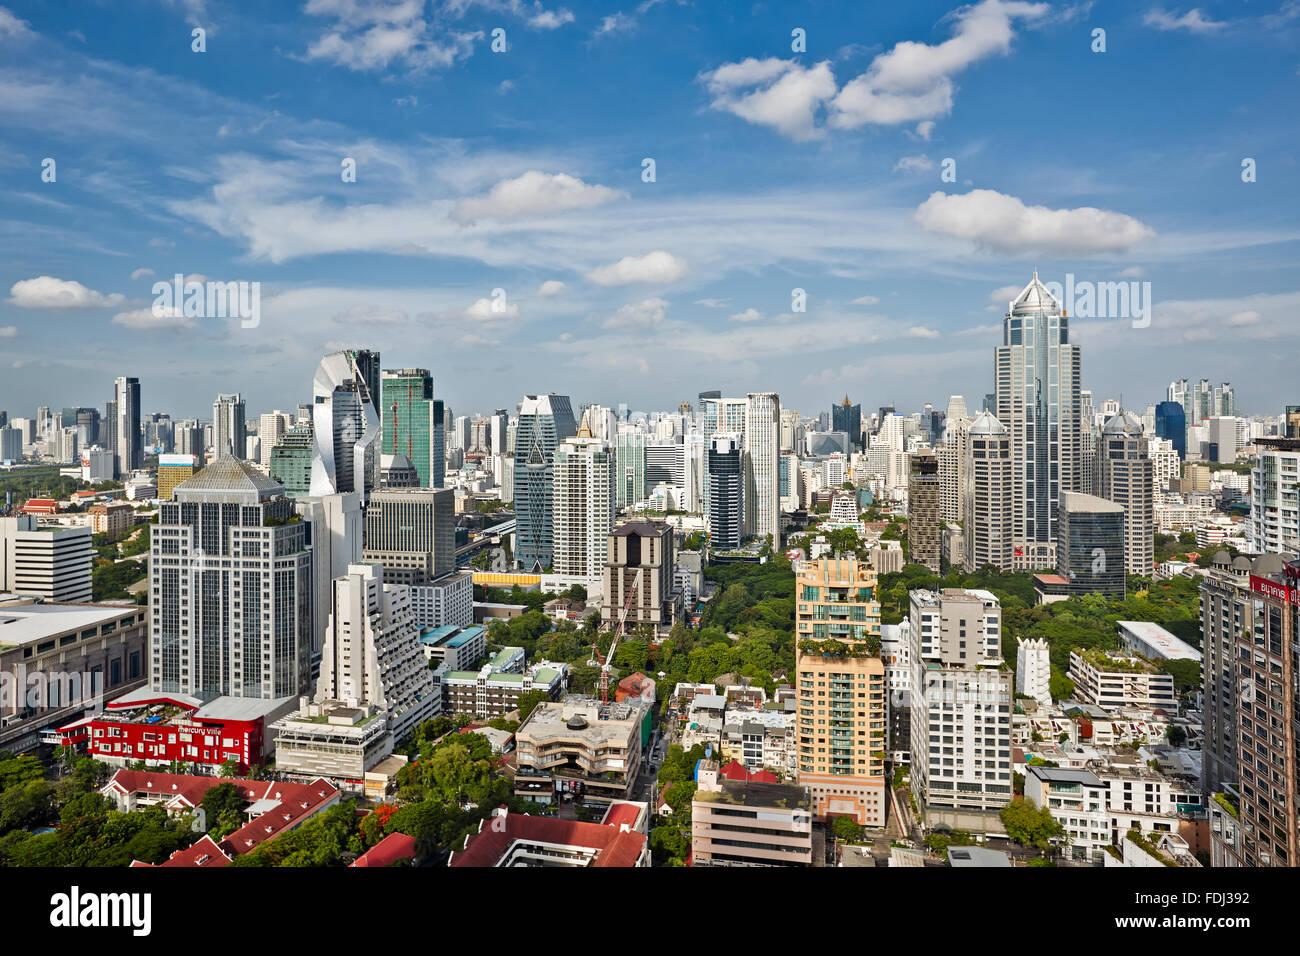 Portrait de grands immeubles modernes dans le centre de Bangkok, Thaïlande. Photo Stock